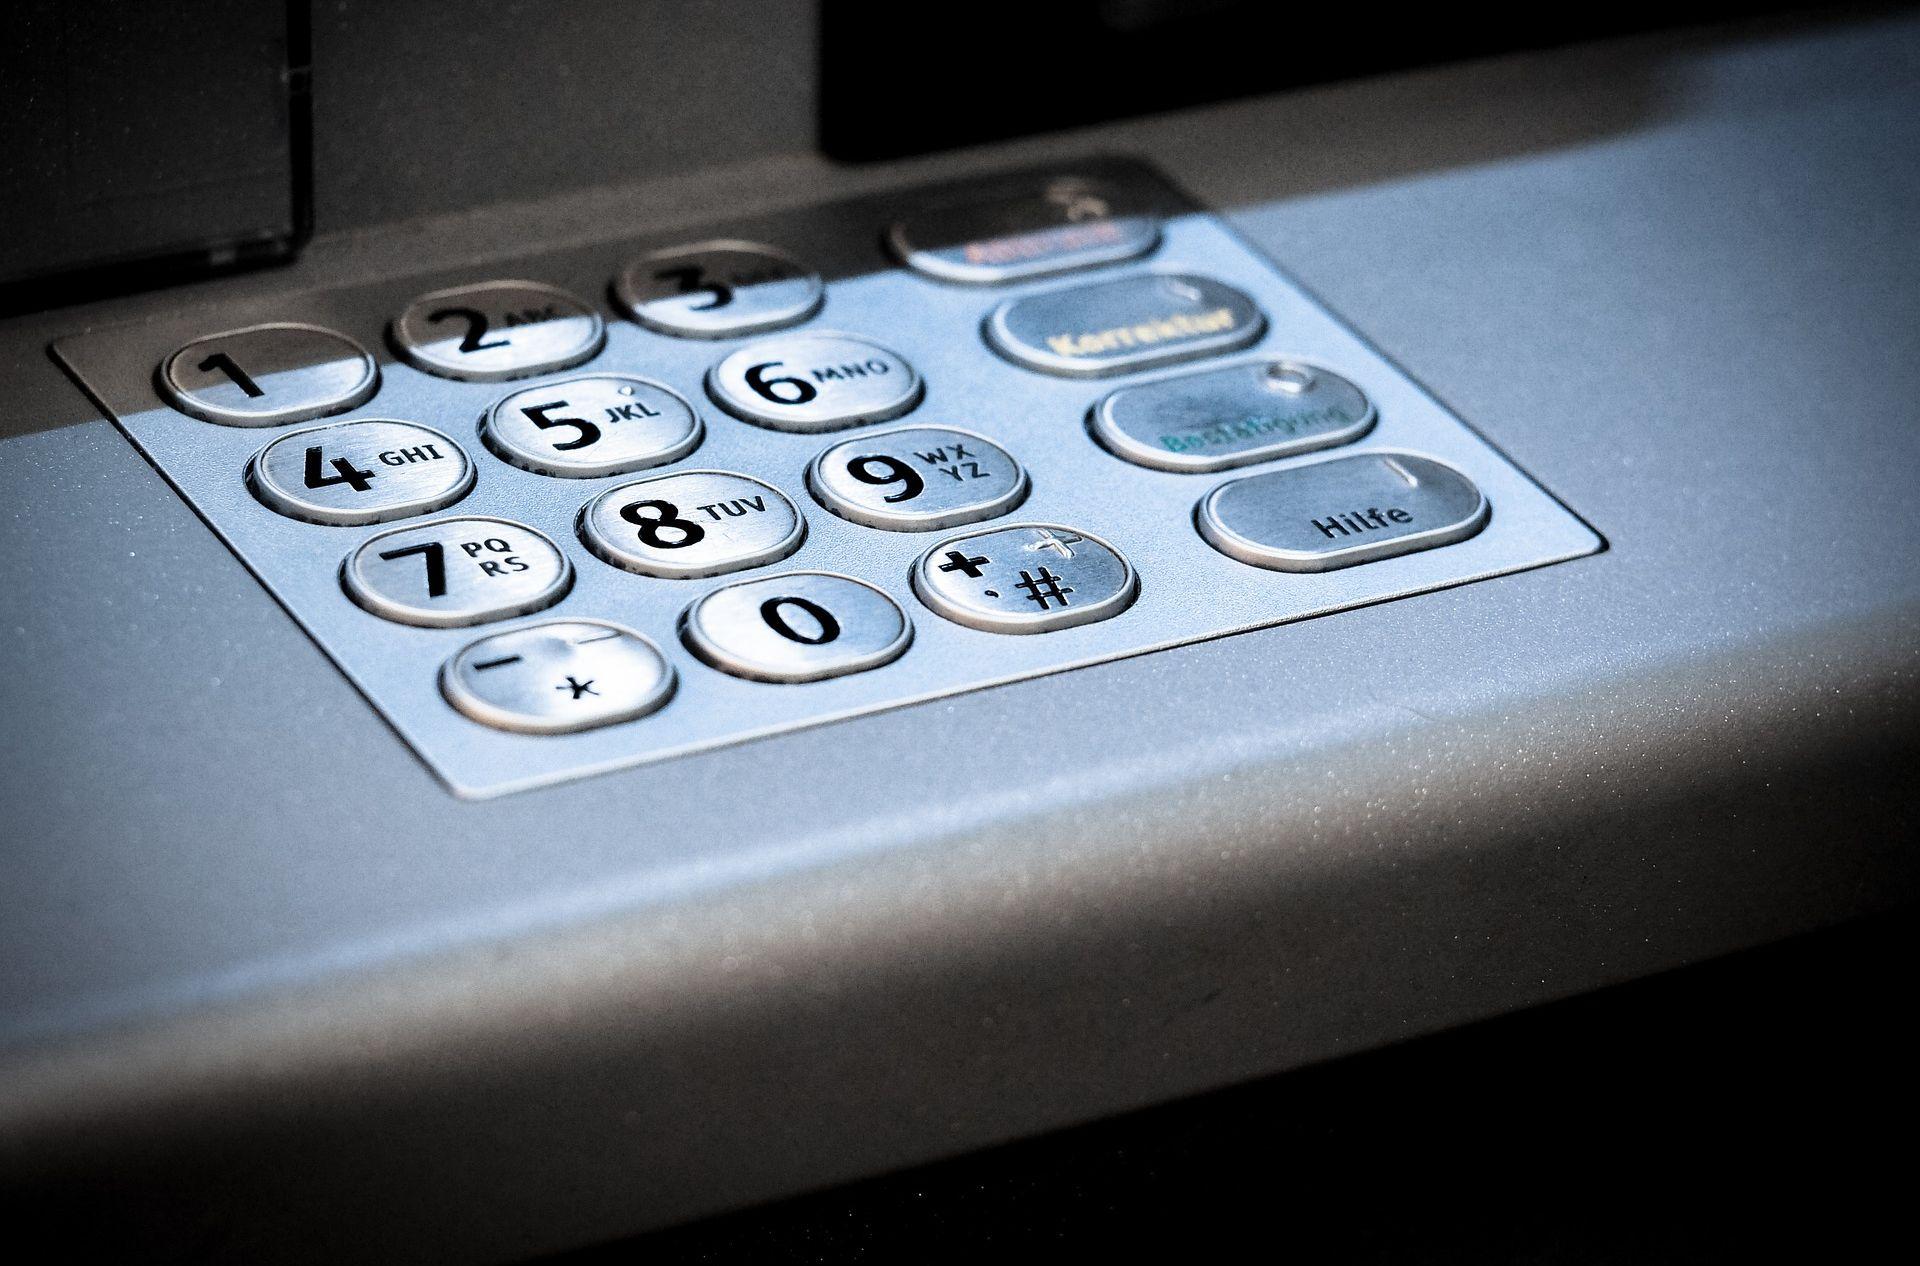 Zaštitar u Zagrebu ukrao gotovo milijun kuna iz bankomata